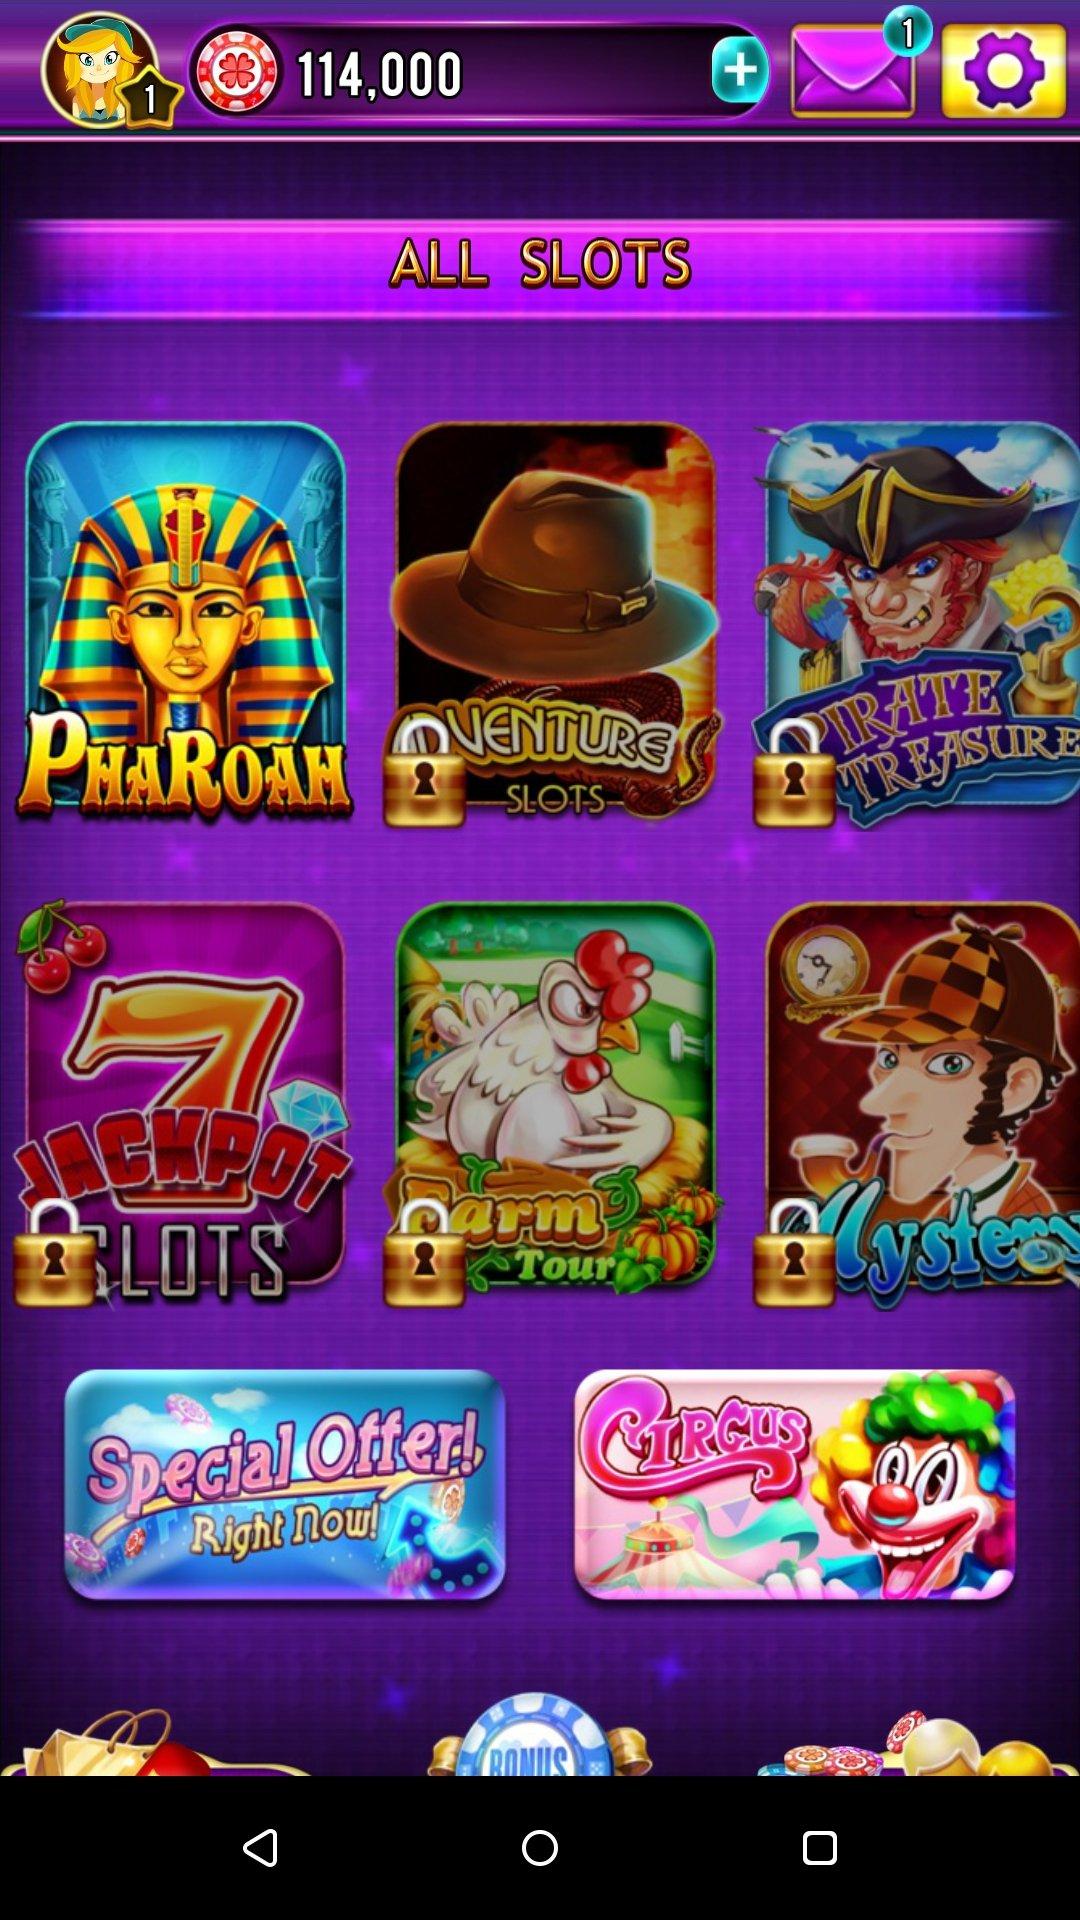 скачать бесплатно игровые автоматы для андроид 2.3.6